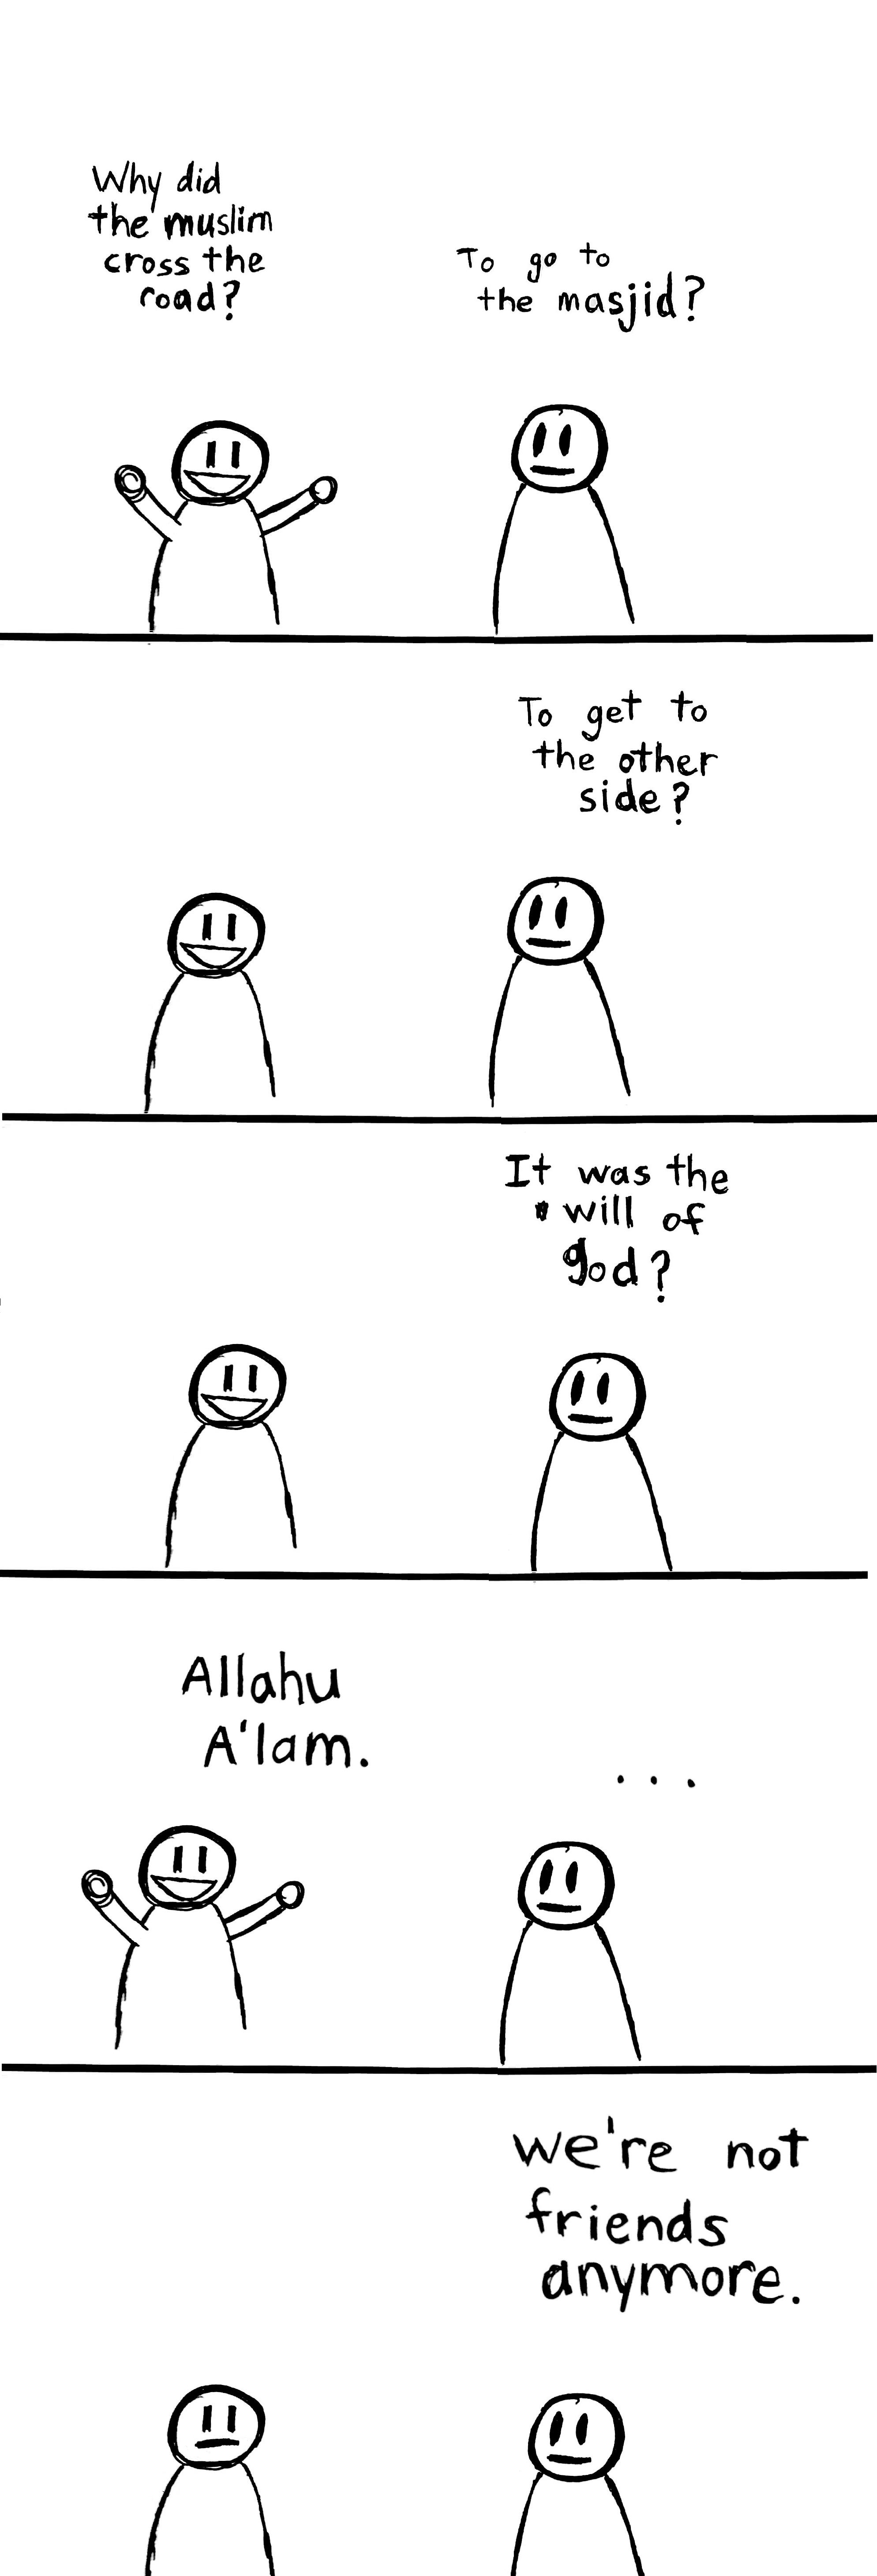 al talib comic - antijokes